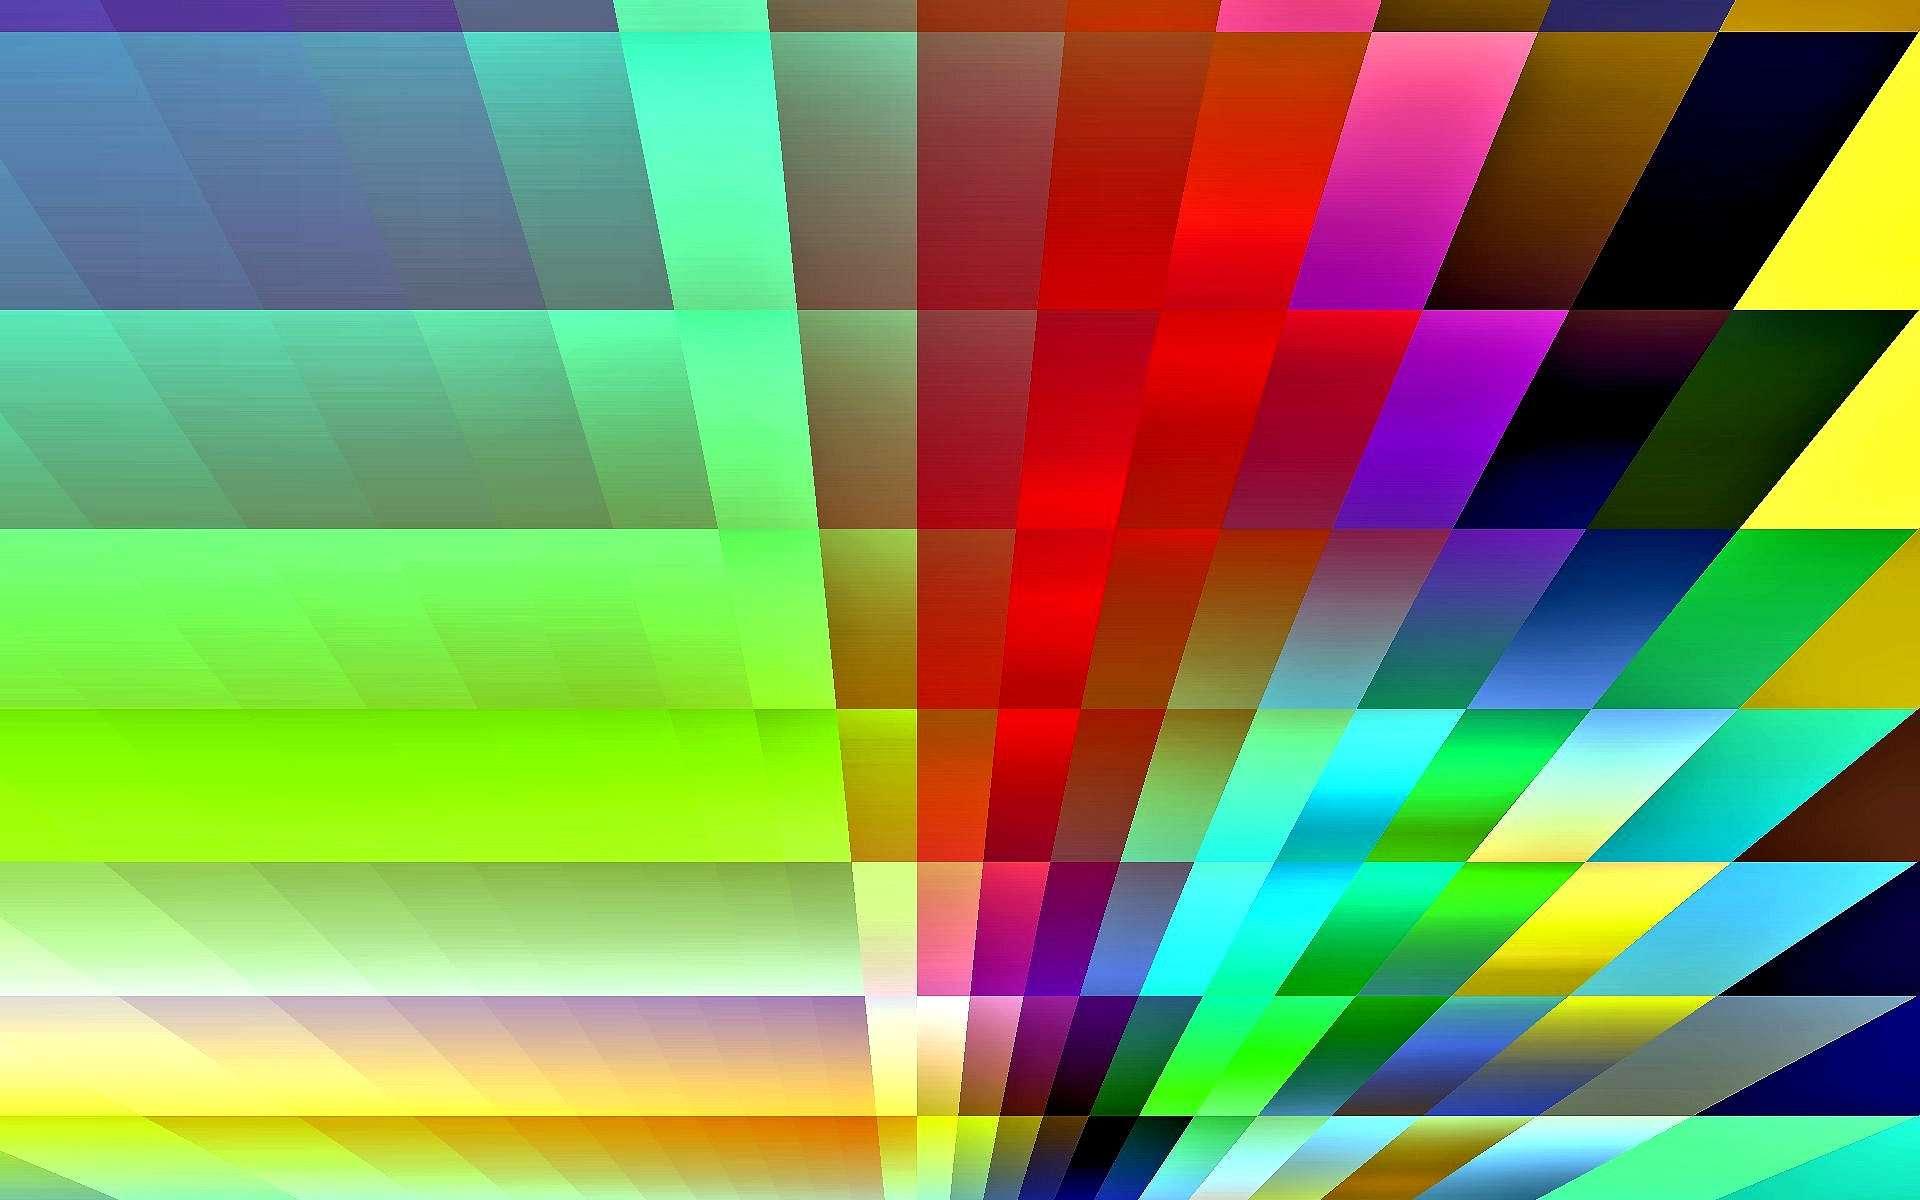 Un jour, peut-être, serons-nous en mesure de changer les couleurs des murs de notre intérieur en se servant non plus de nuanciers, de pinceaux et de rouleaux, mais simplement de notre smartphone. © Pixel1, DP, via Pixabay